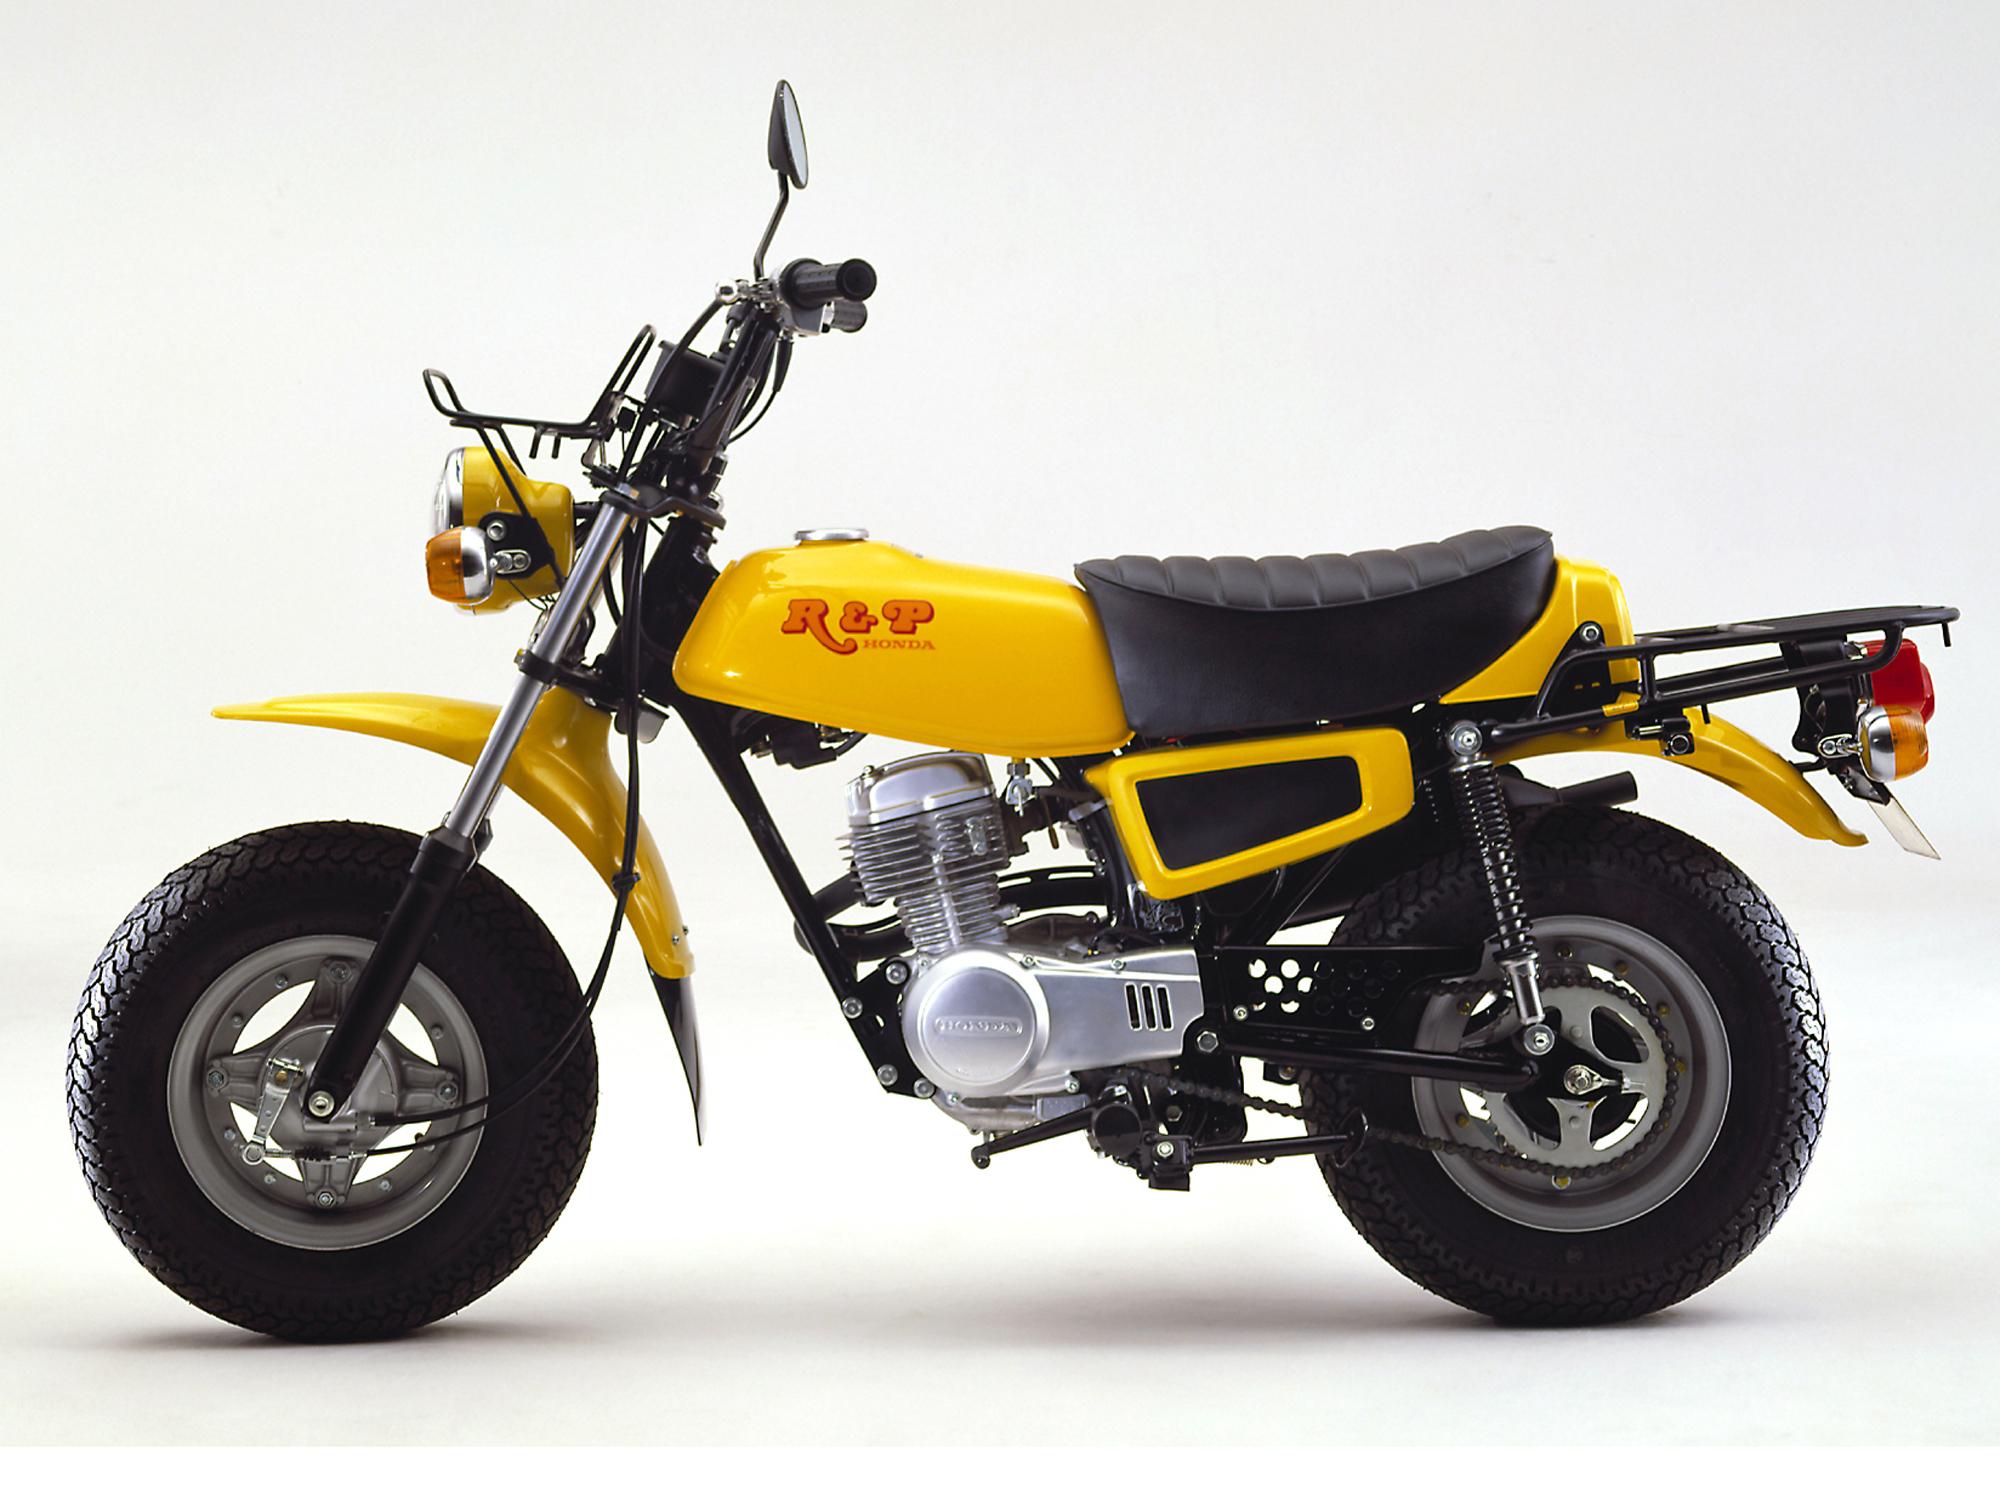 R&P 黄色